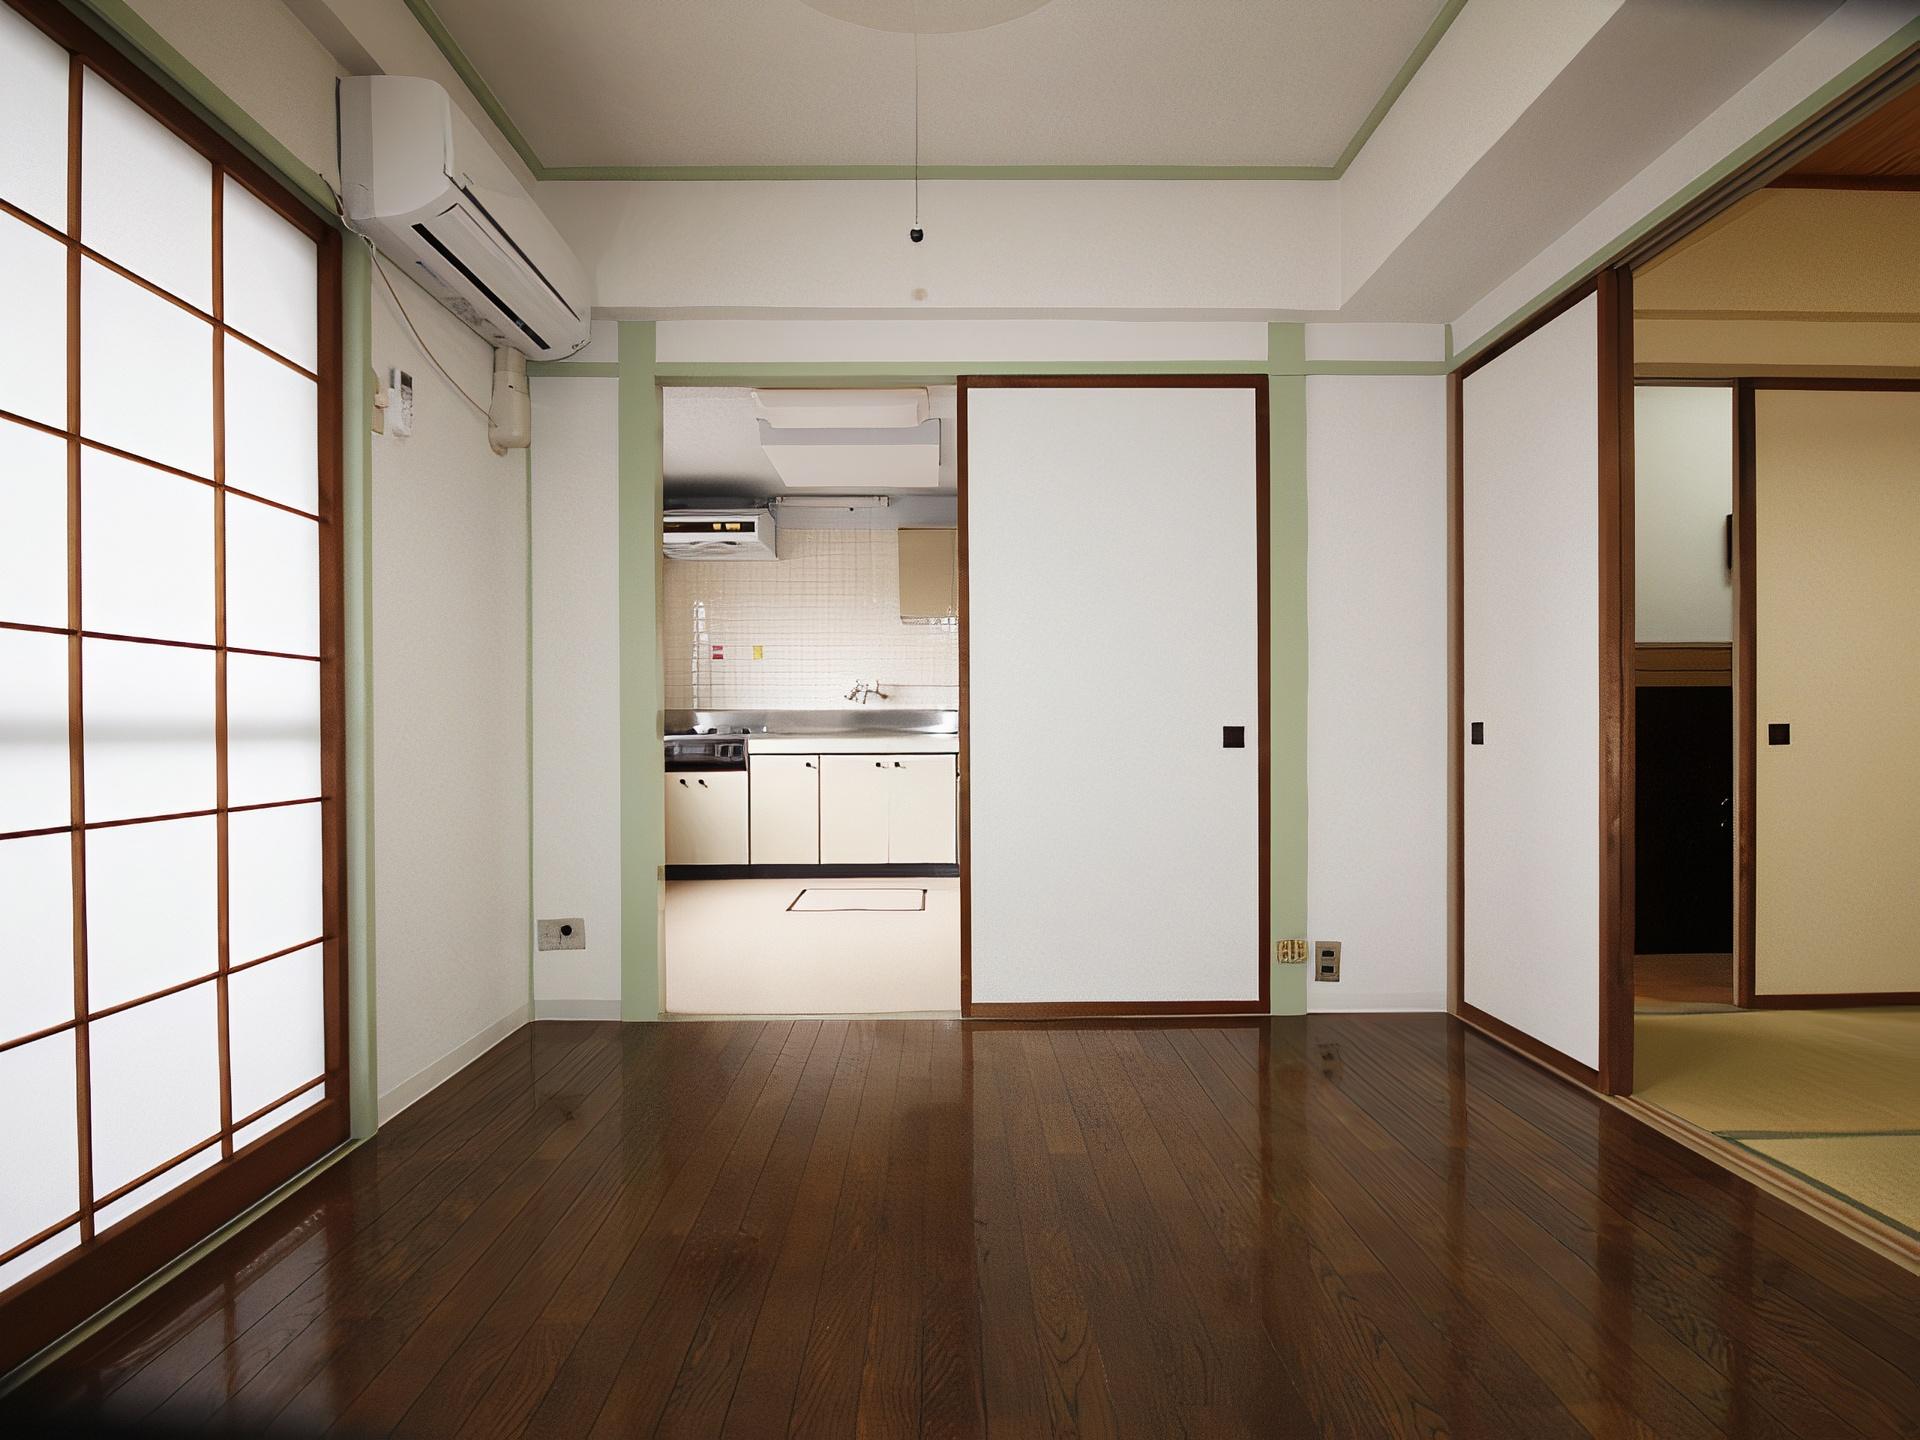 川商マンション 502(5F 北側)